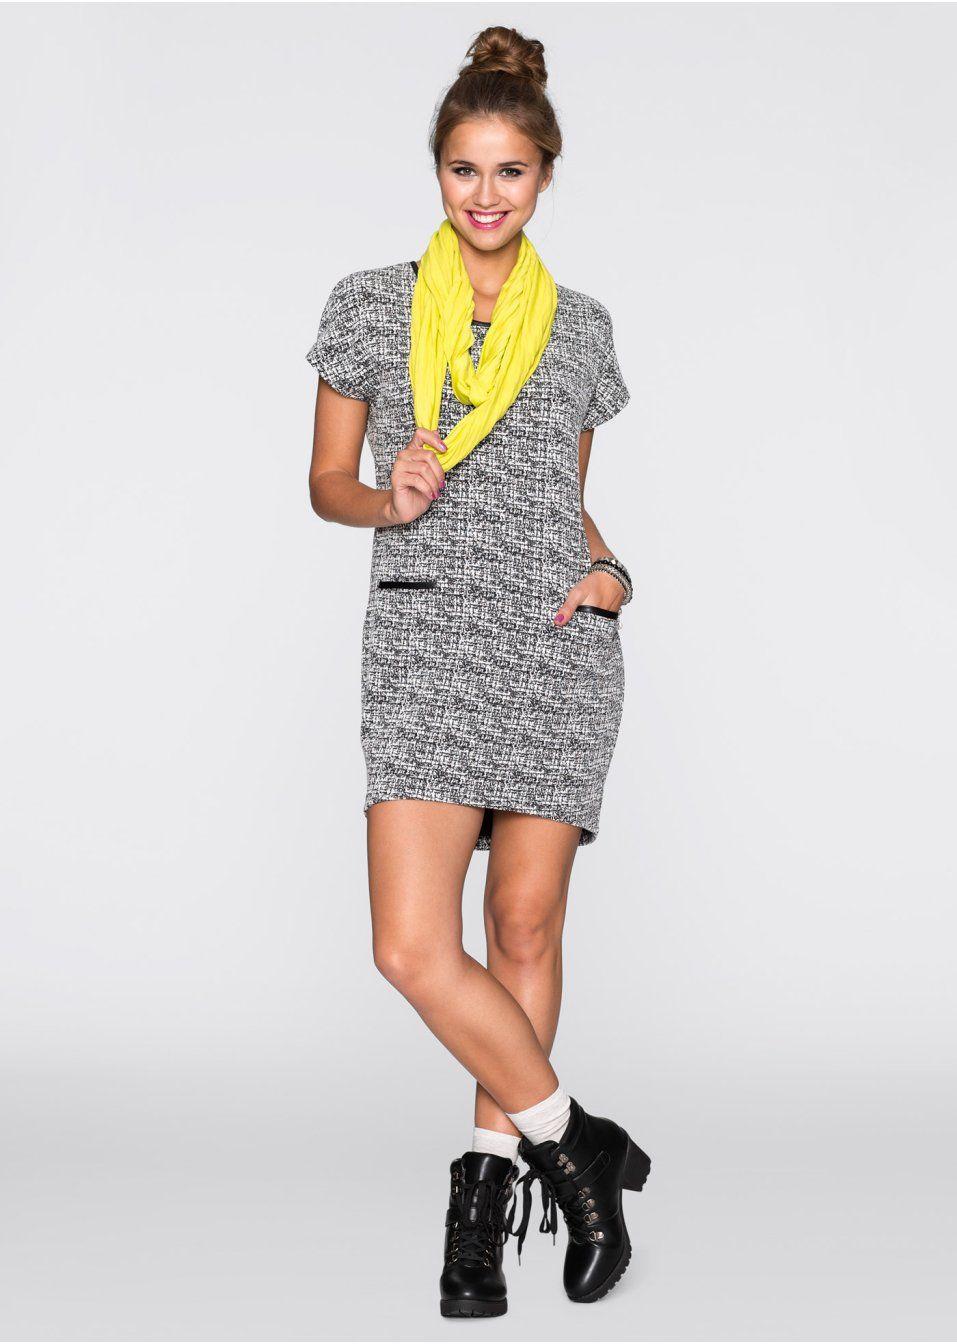 sukienka-w-dzianinowy-wzor.jpg (957×1344)